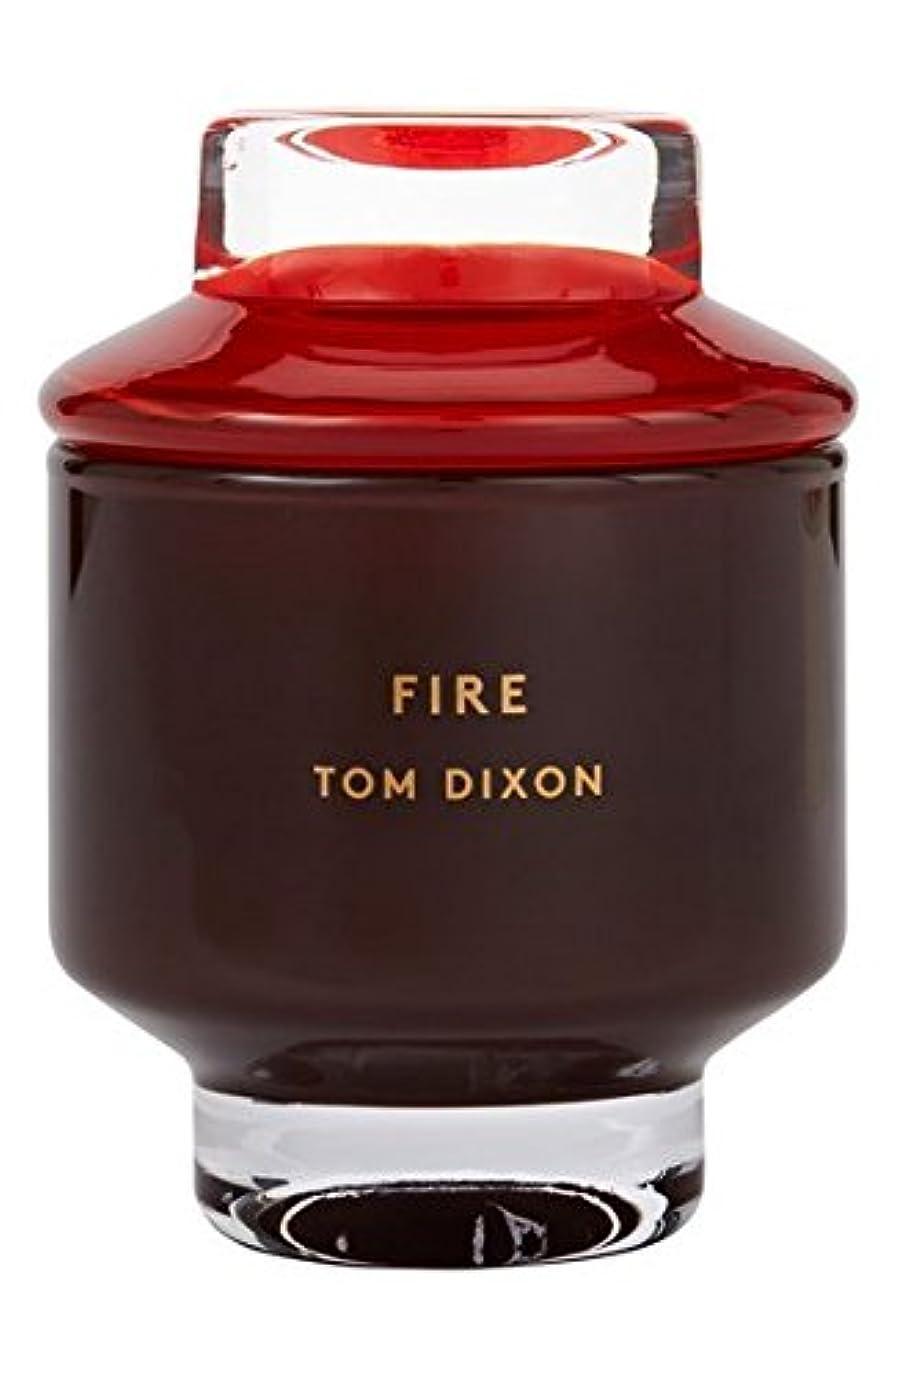 豪華な元気集まるTom Dixon 'Fire' Candle (トム ディクソン 'ファイヤー' キャンドル小) Small